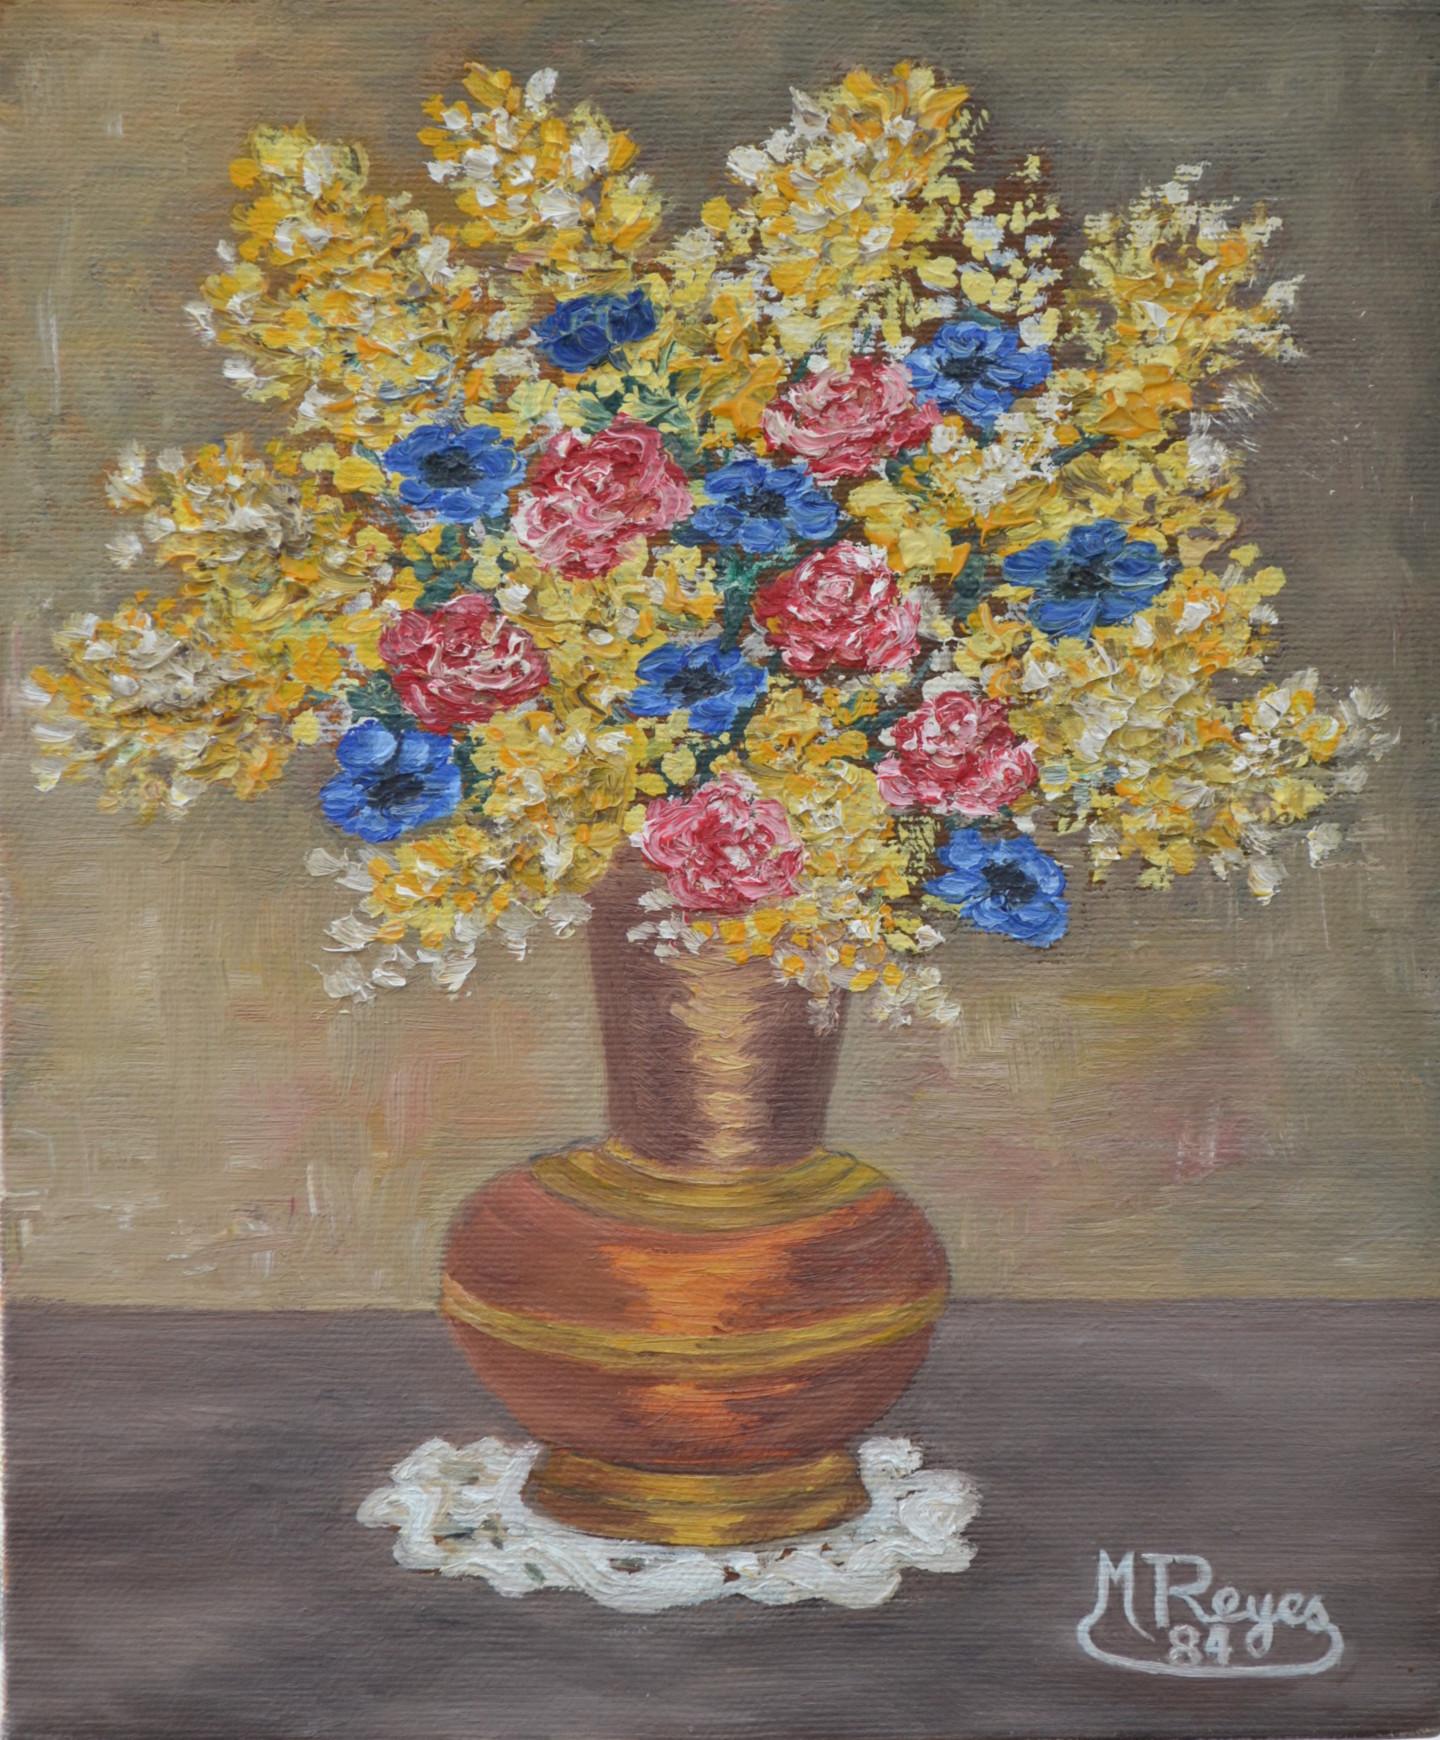 Marie-Josée Reyes - Bouquet de mimosas et anémones